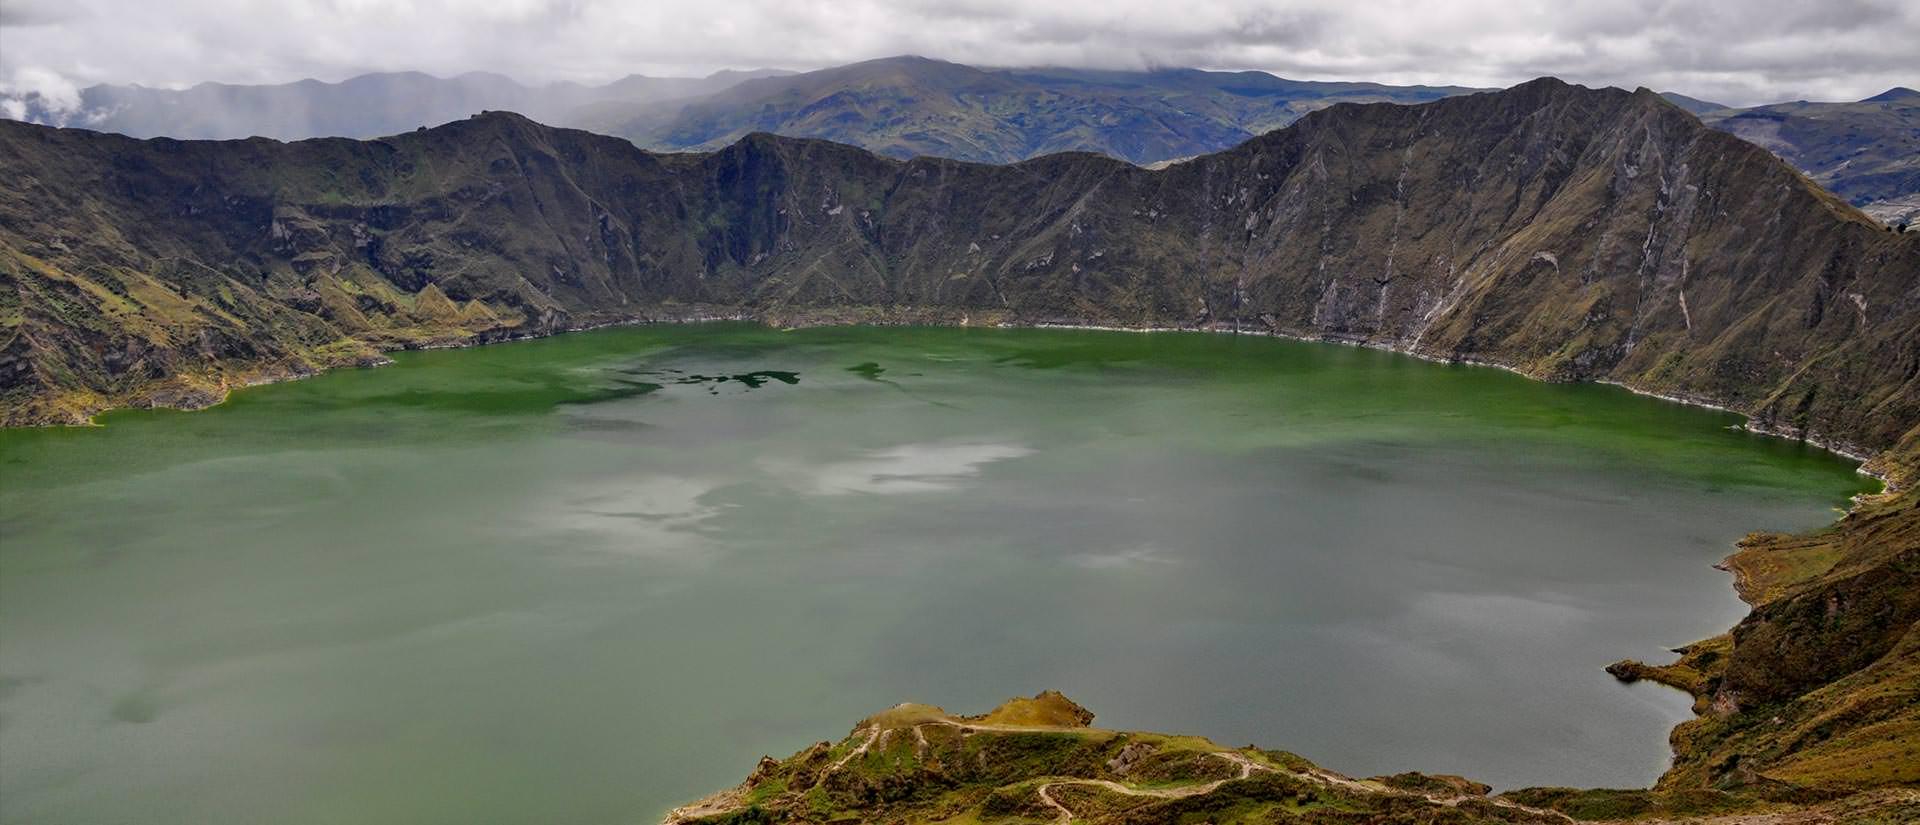 אגם קילוטואה, אקוודור - אתרי נבחרים בדרום אמריקה